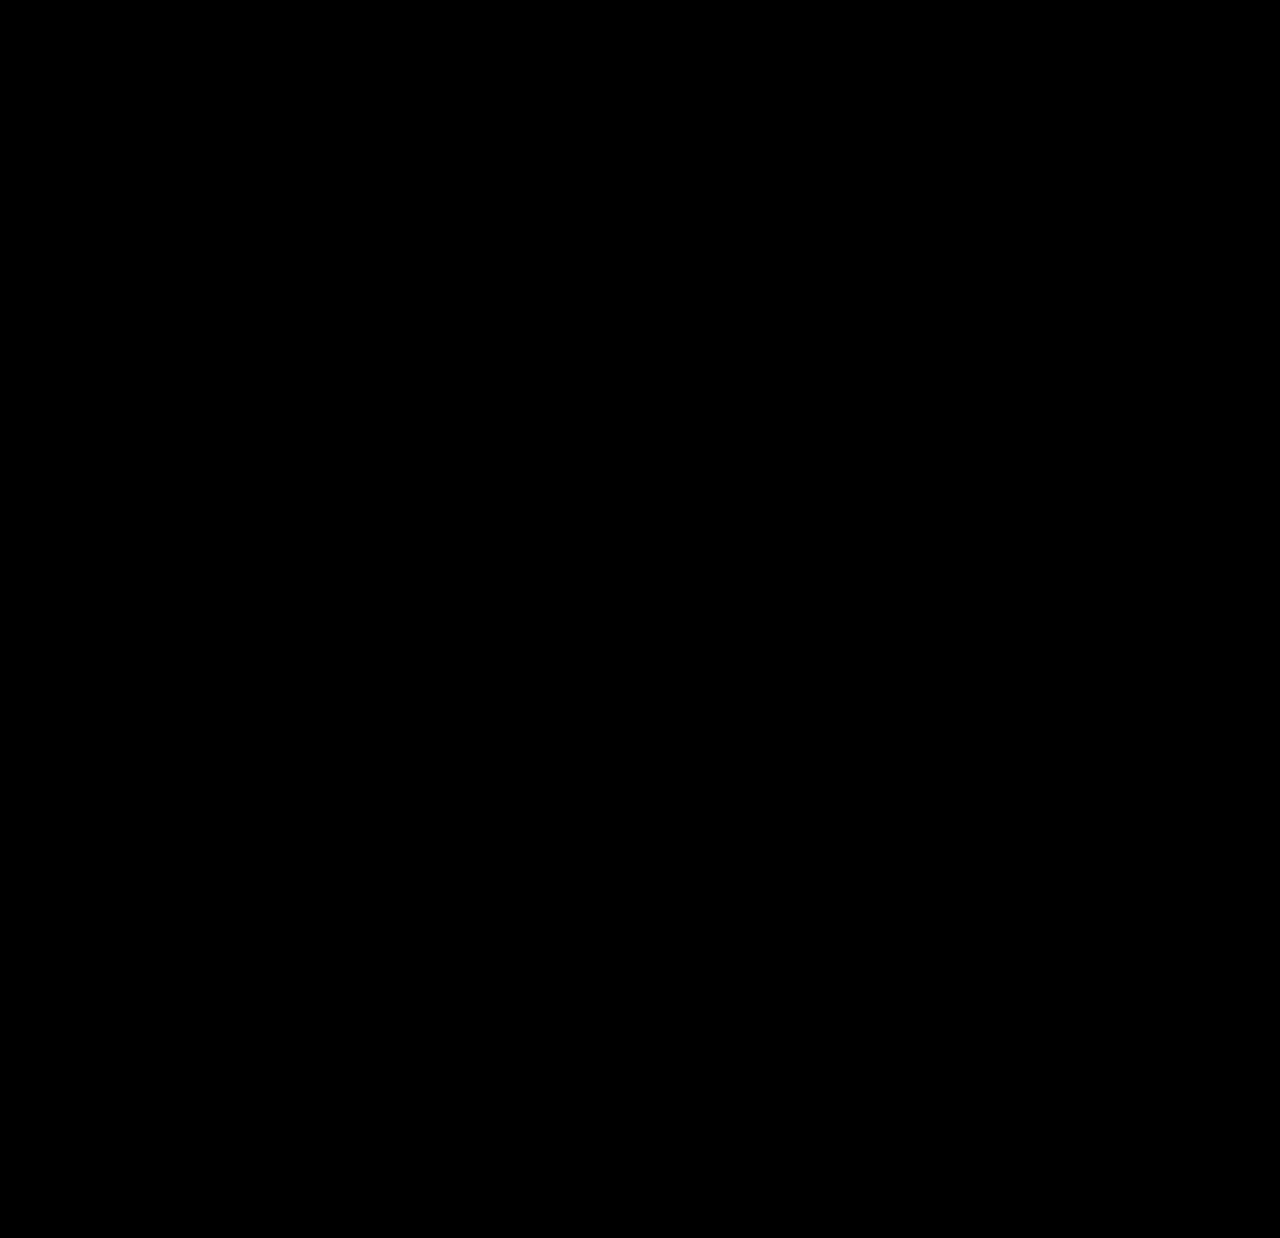 Pi Symbol Letter - Free image on Pixabay